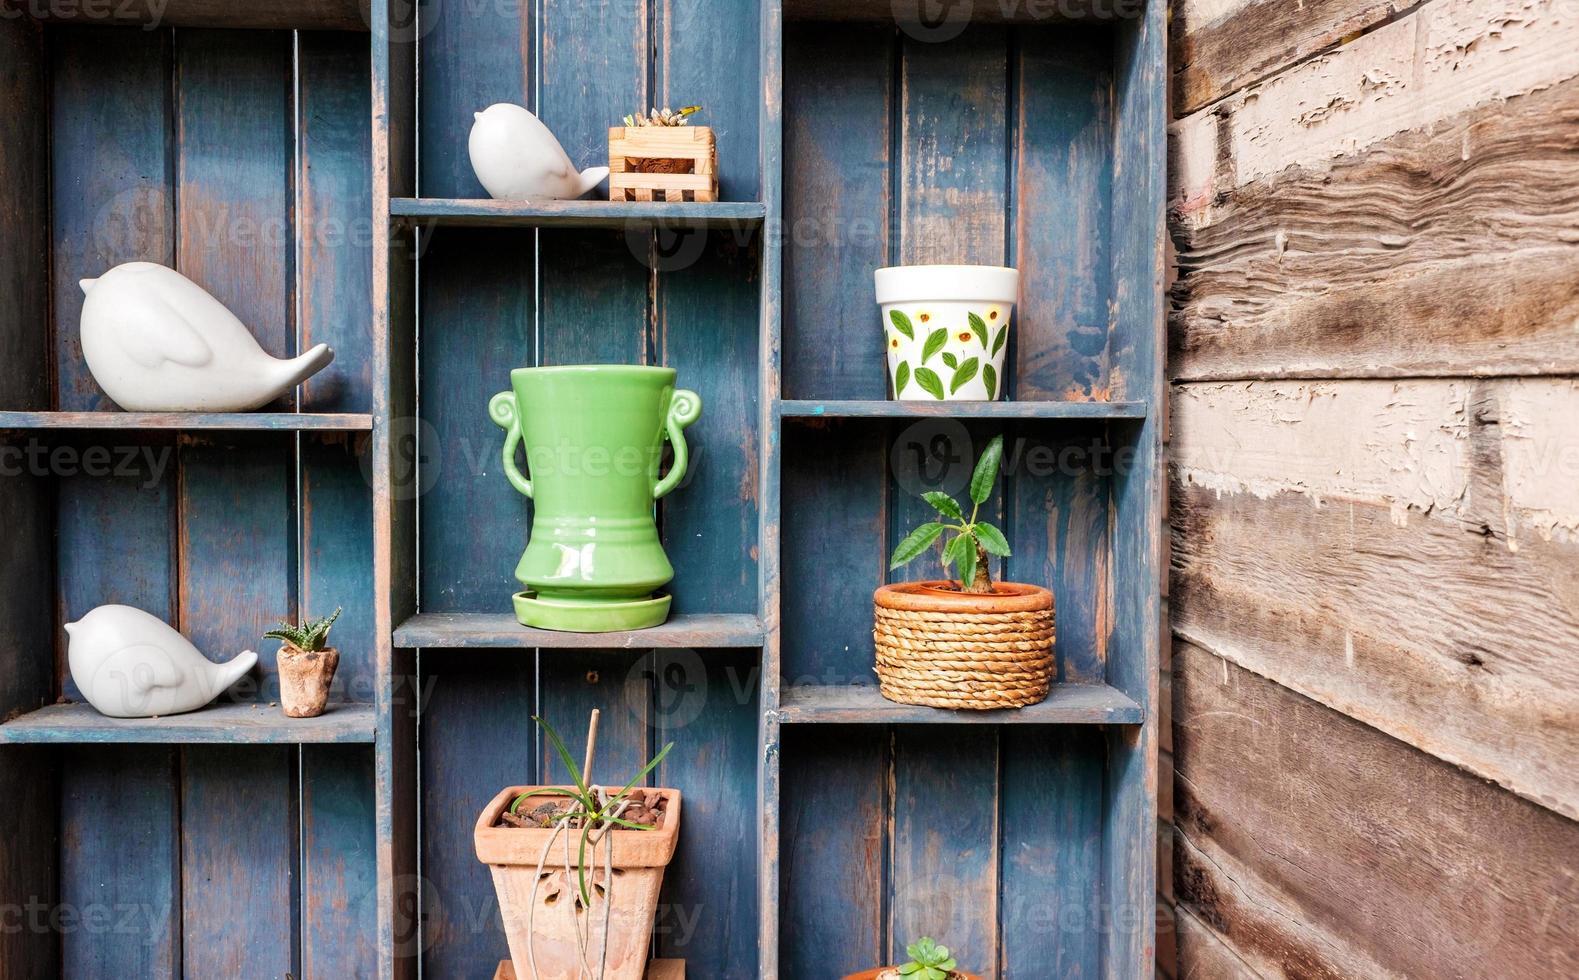 Holzregale aus Keramik und Hintergrund. foto